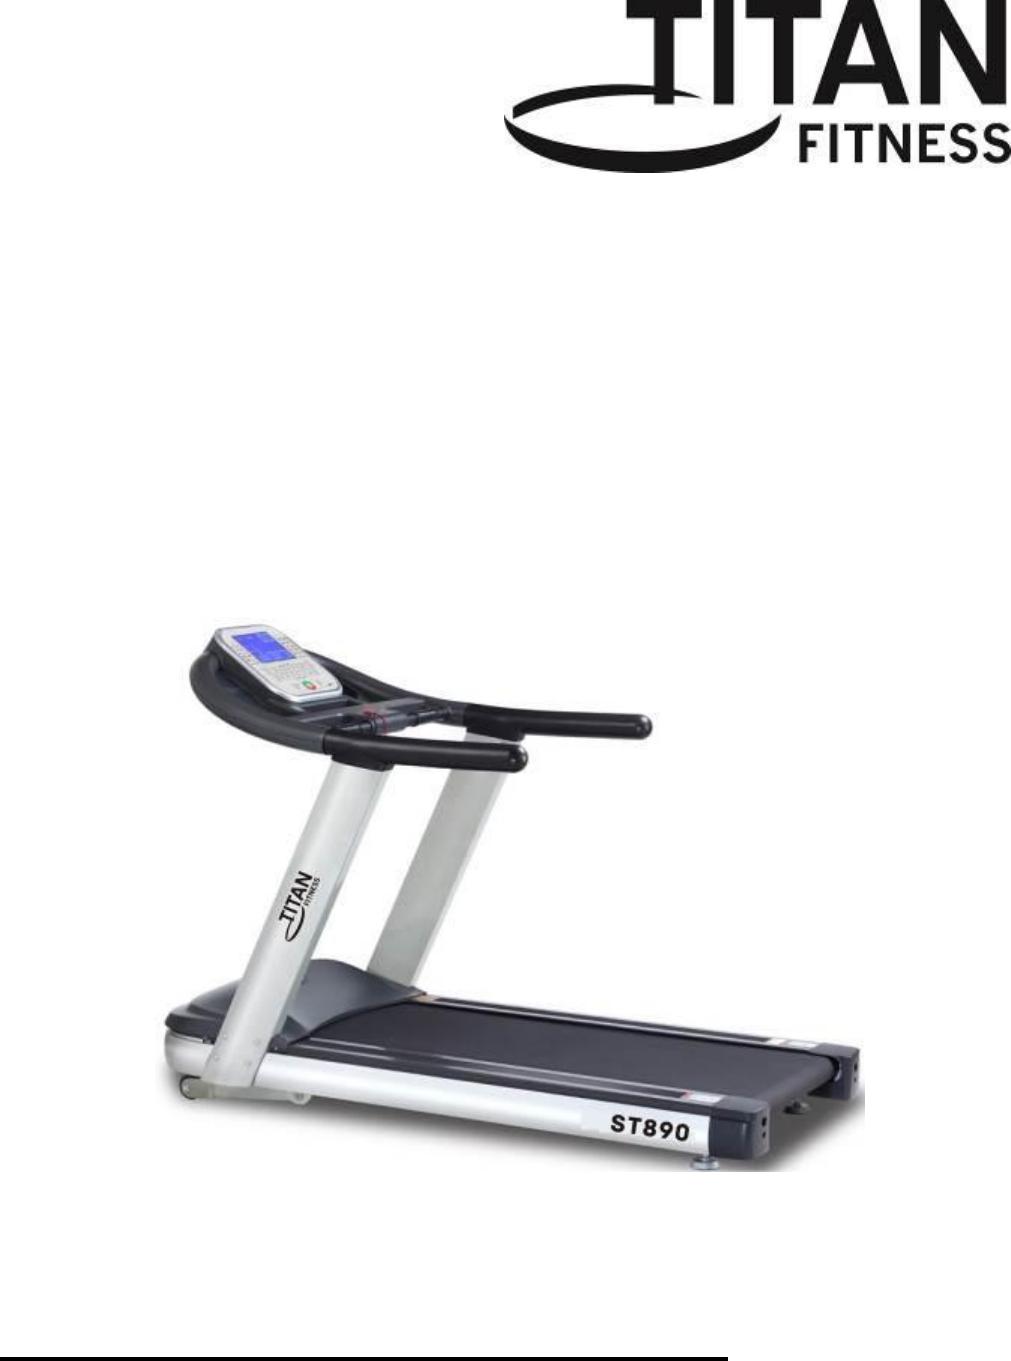 Titan Fitness ST890 manual